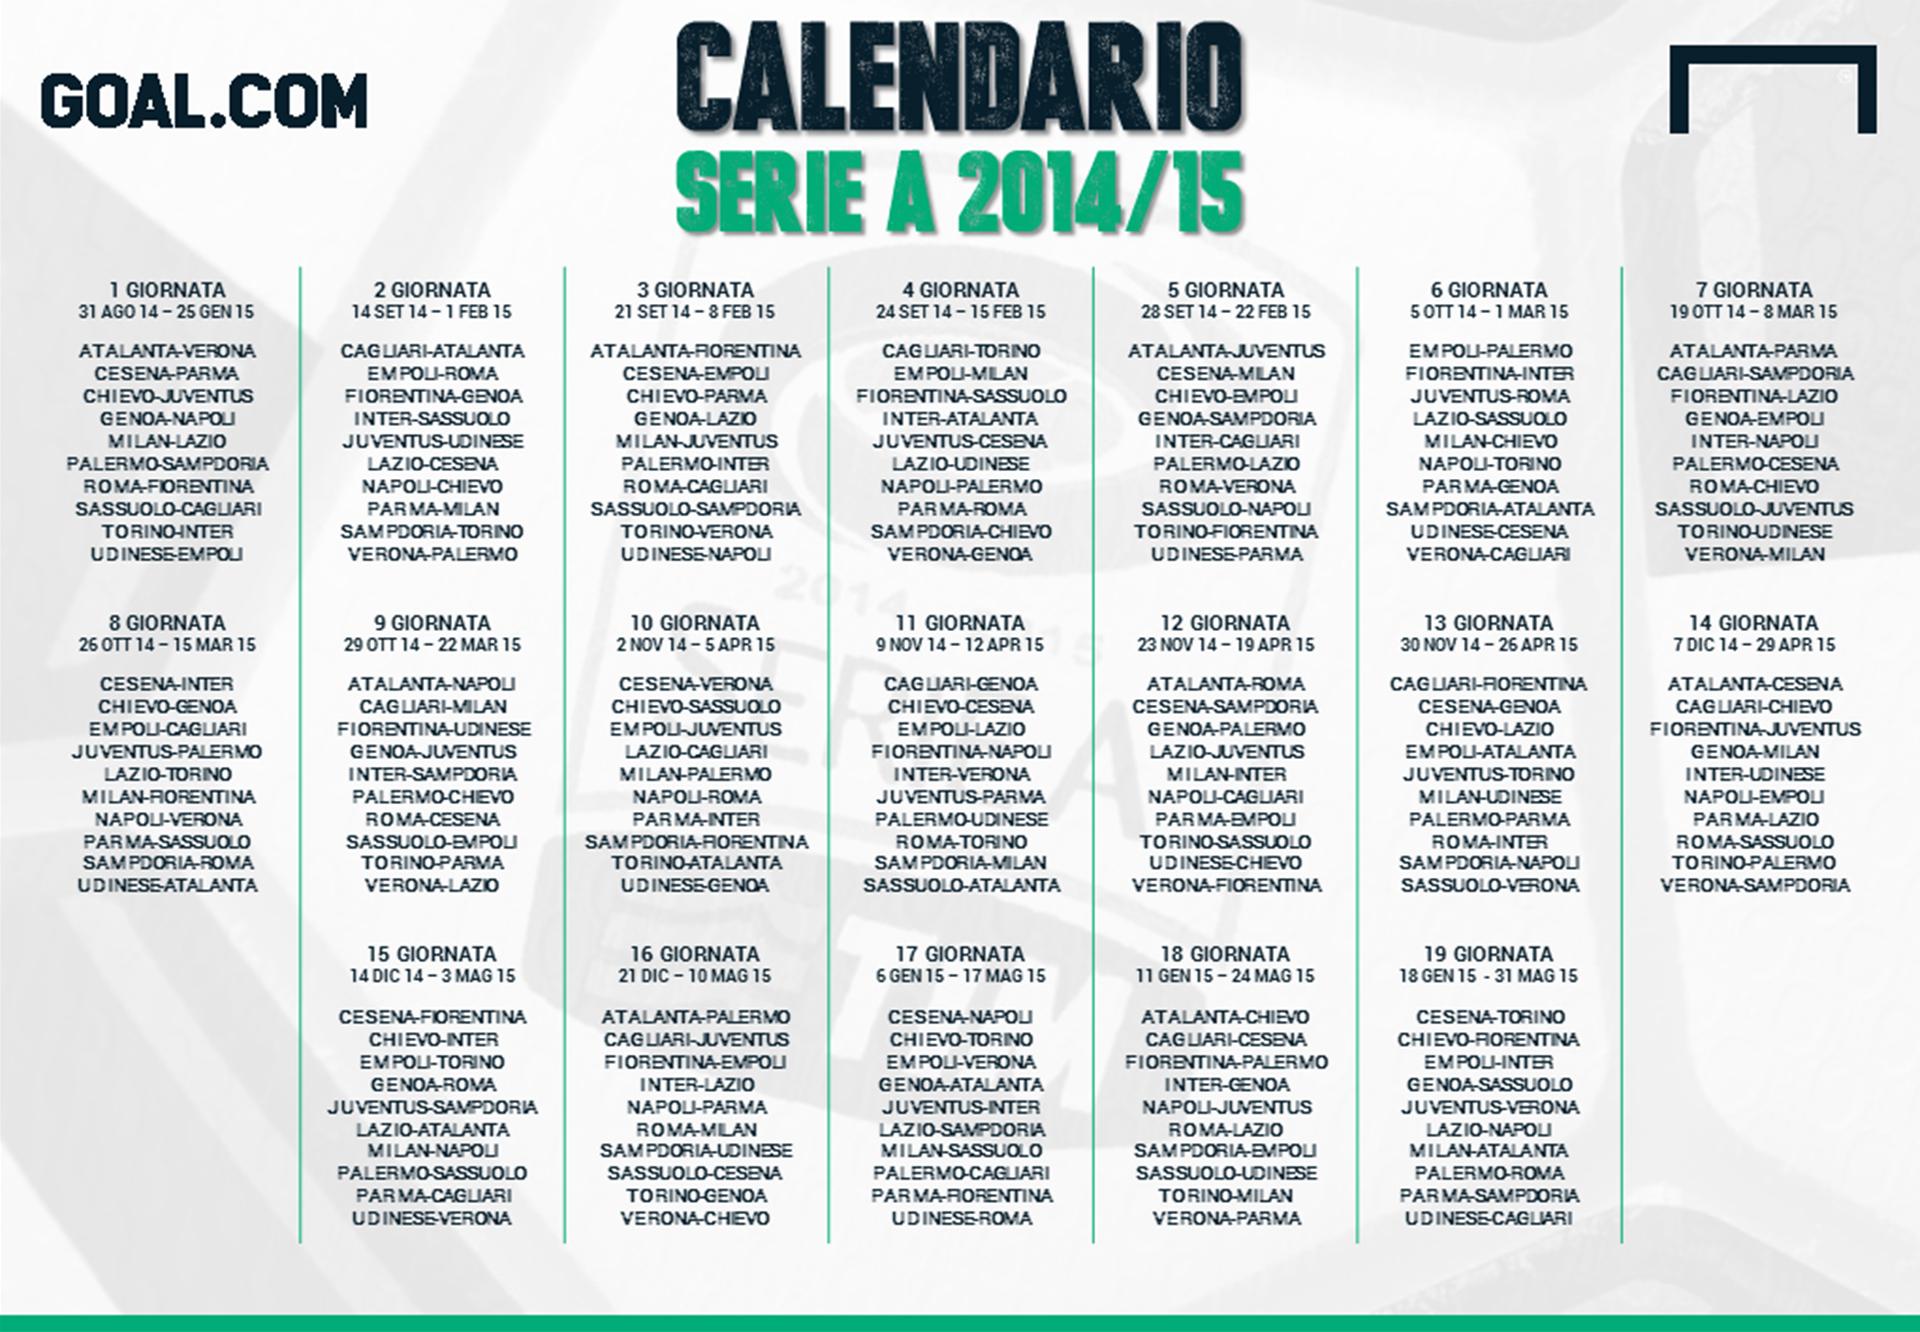 Serie A Calendario 6 Giornata.Calendario Serie A 2014 2015 Goal Com